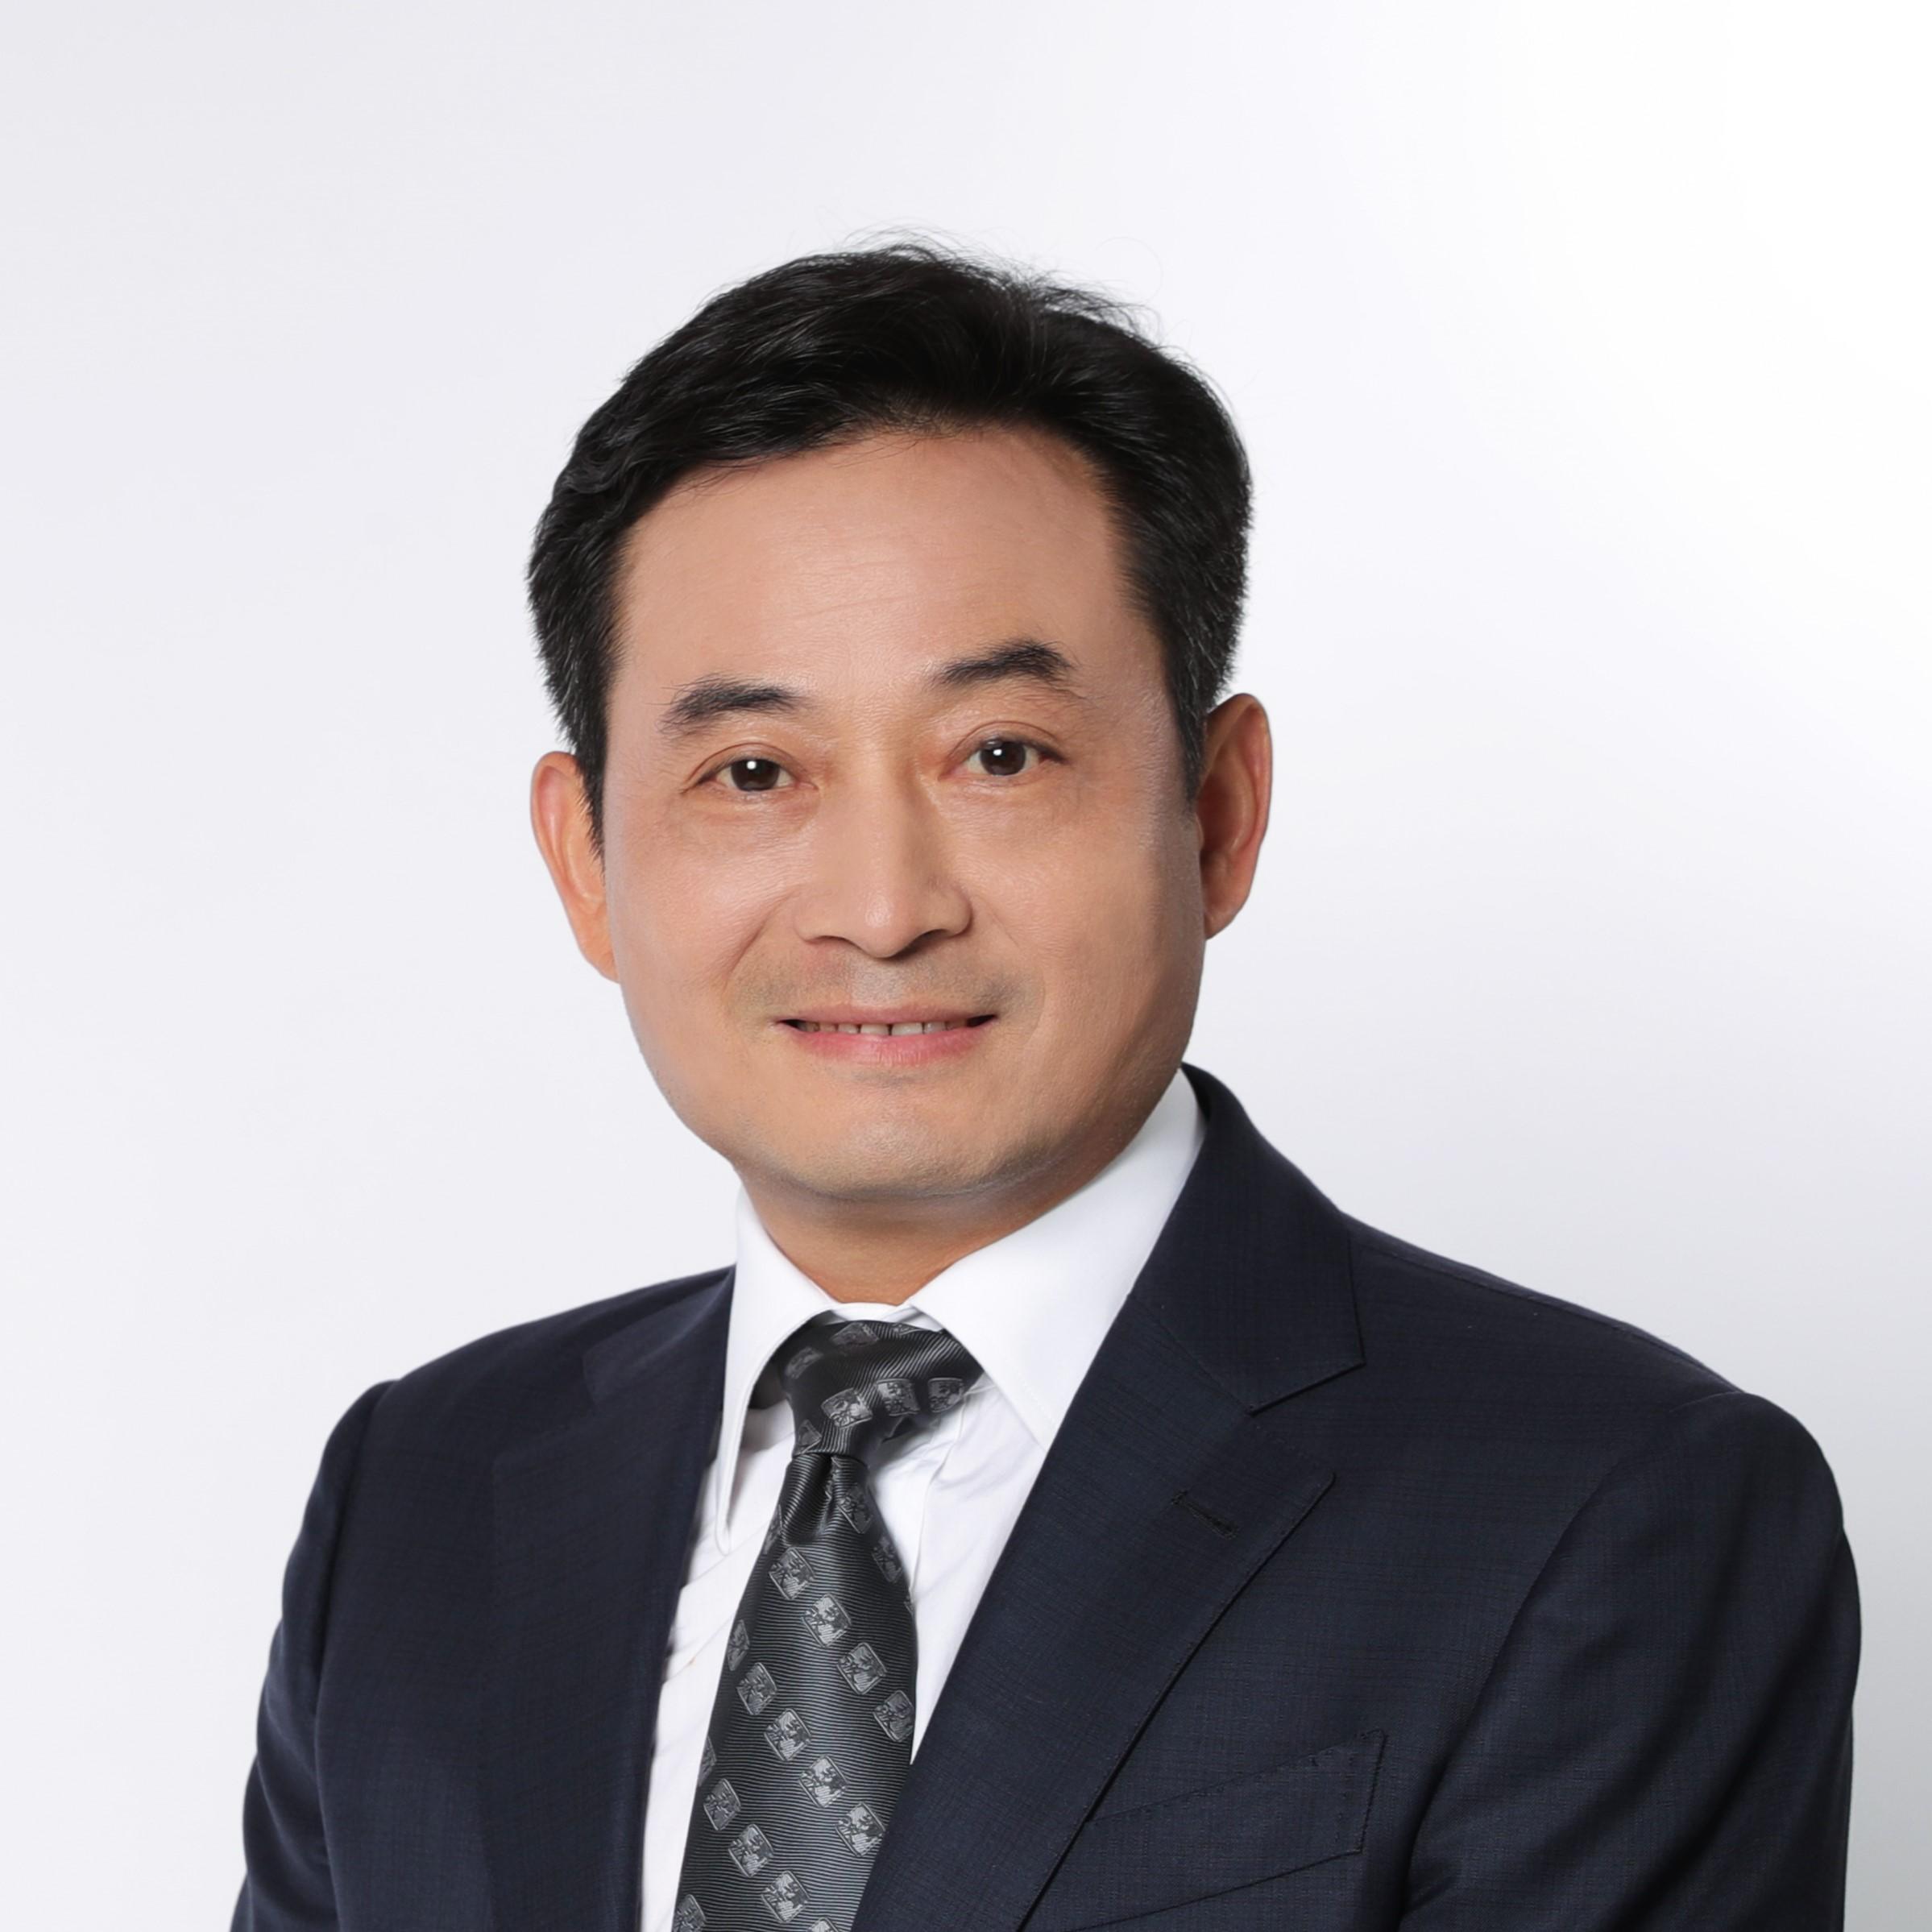 Wang Nianqiang